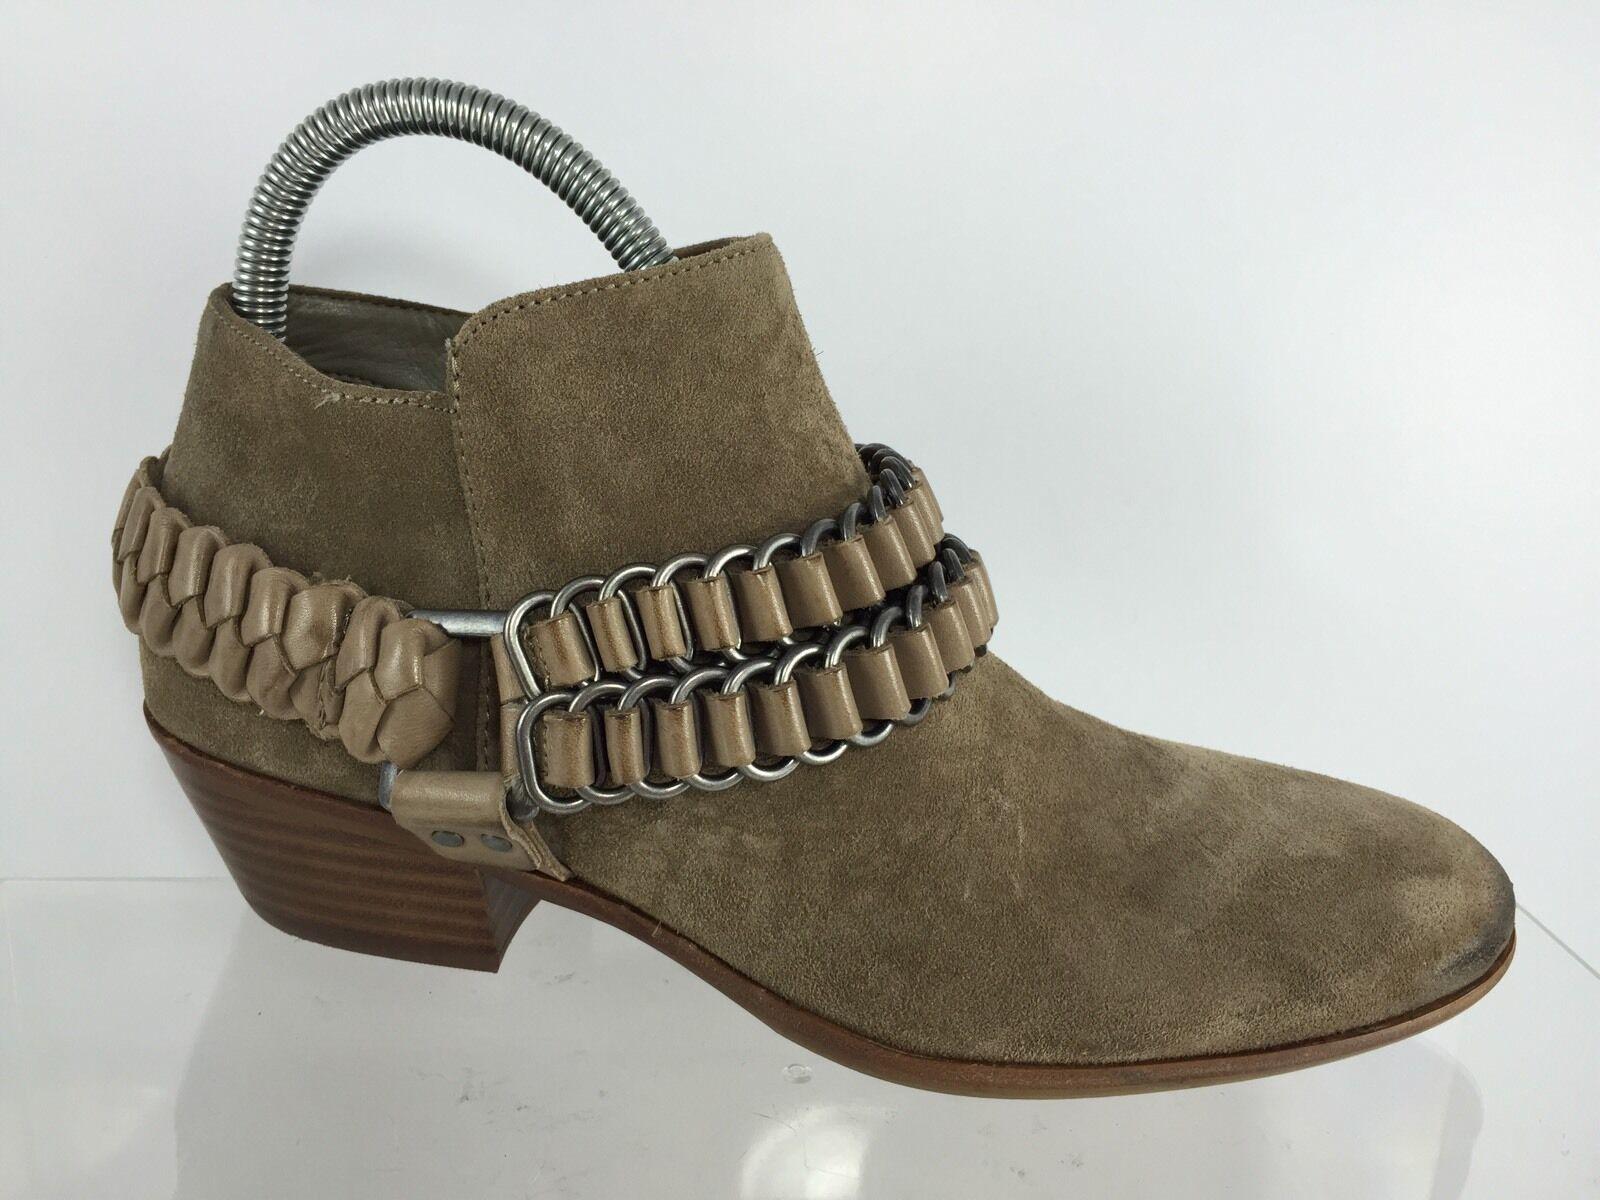 Sam Edelman Damenschuhe Braun Leder Ankle Stiefel 7.5 M